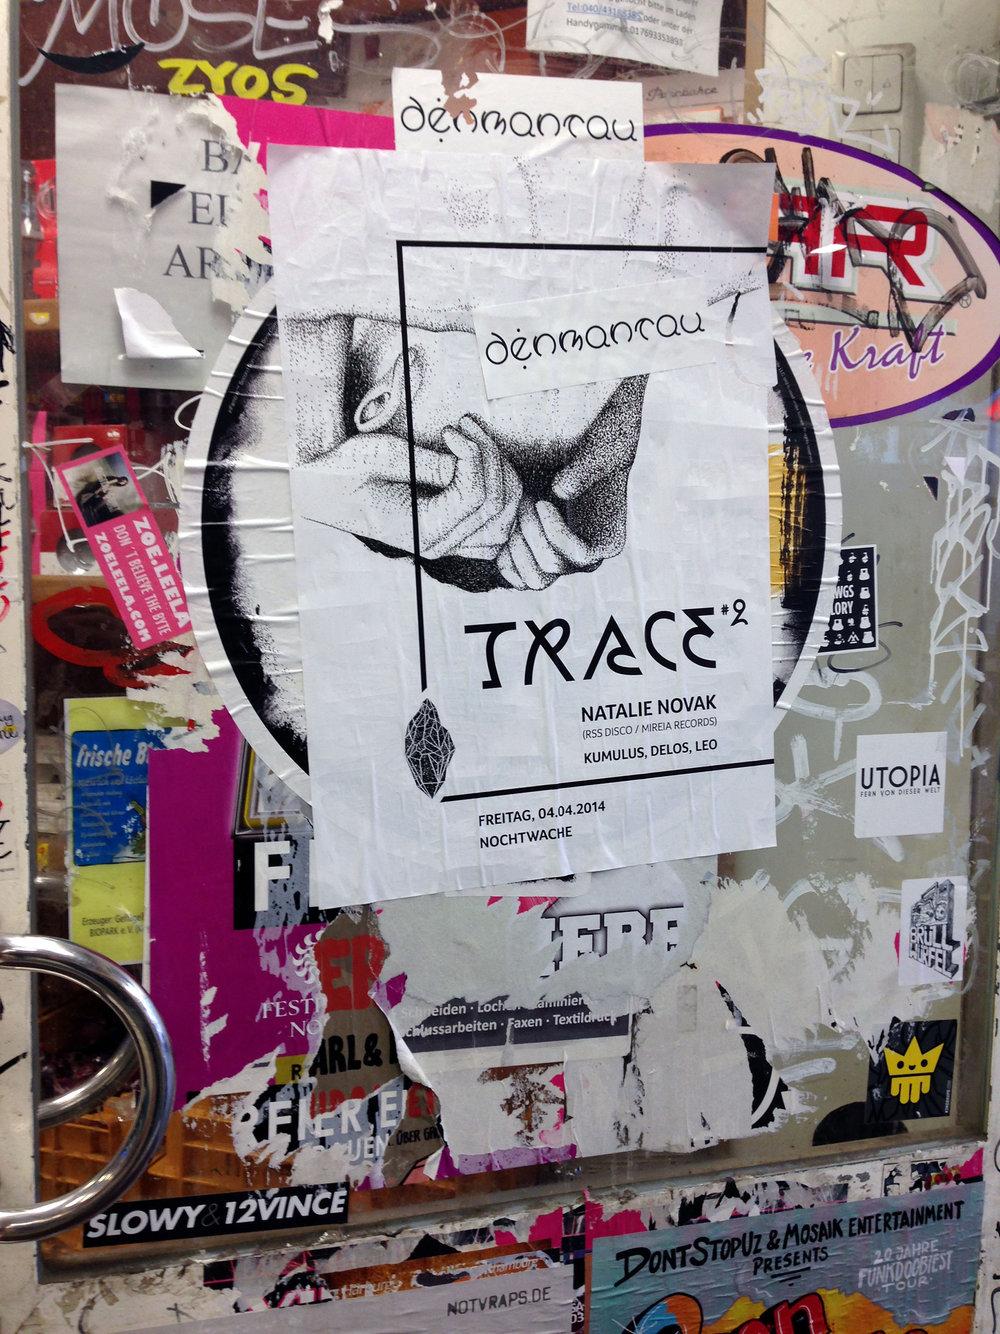 rbtq_Illustration_Seiser_Illustratorin_Hamburg_Print_Editorial_Trace_Poster_Foto1.jpg